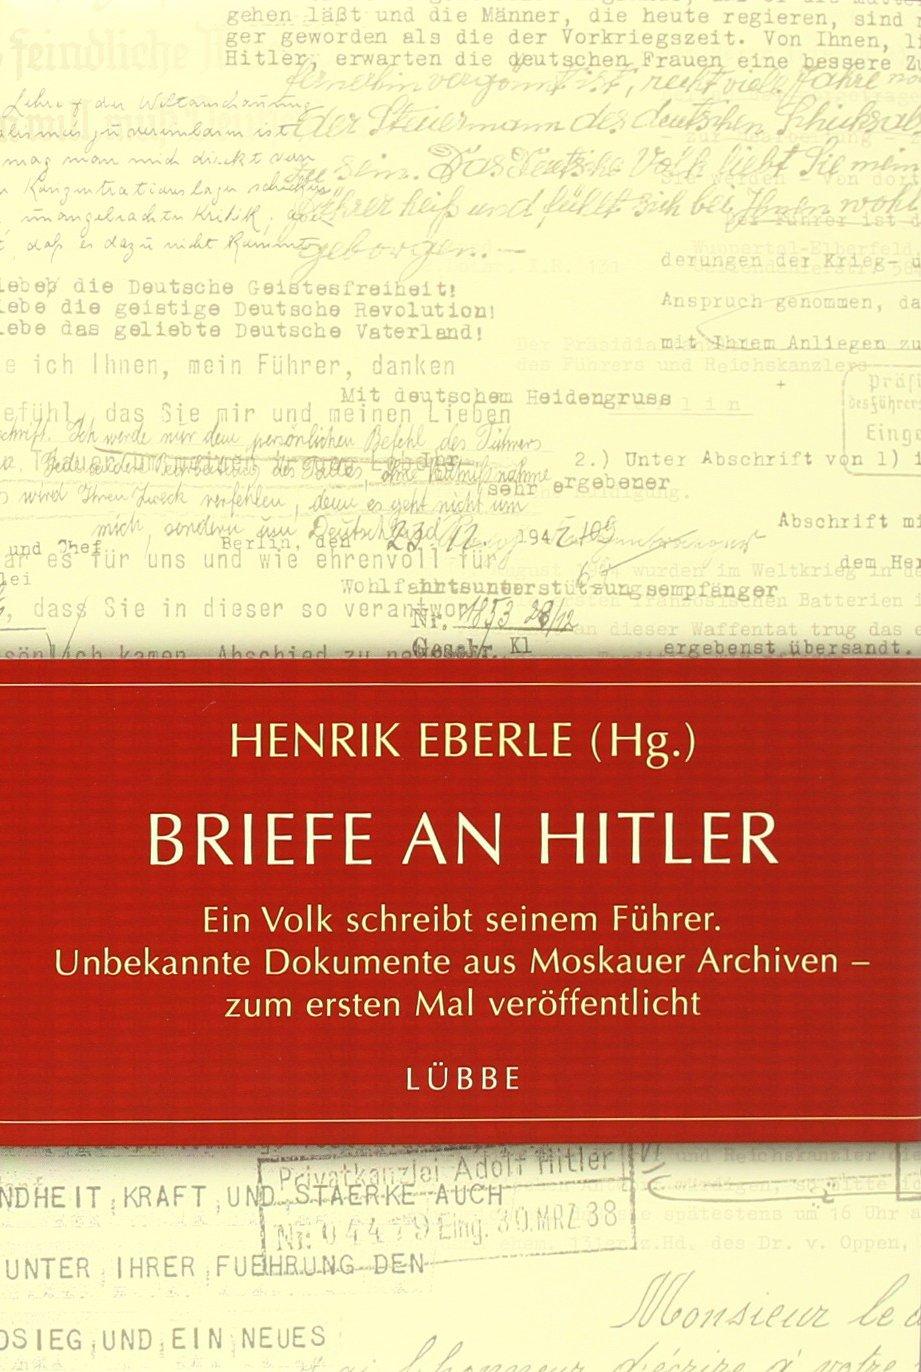 Briefe an Hitler: Ein Volk schreibt seinem Führer. Unbekannte Dokumente aus Moskauer Archiven - zum ersten Mal veröffentlicht (Lübbe Sachbuch)